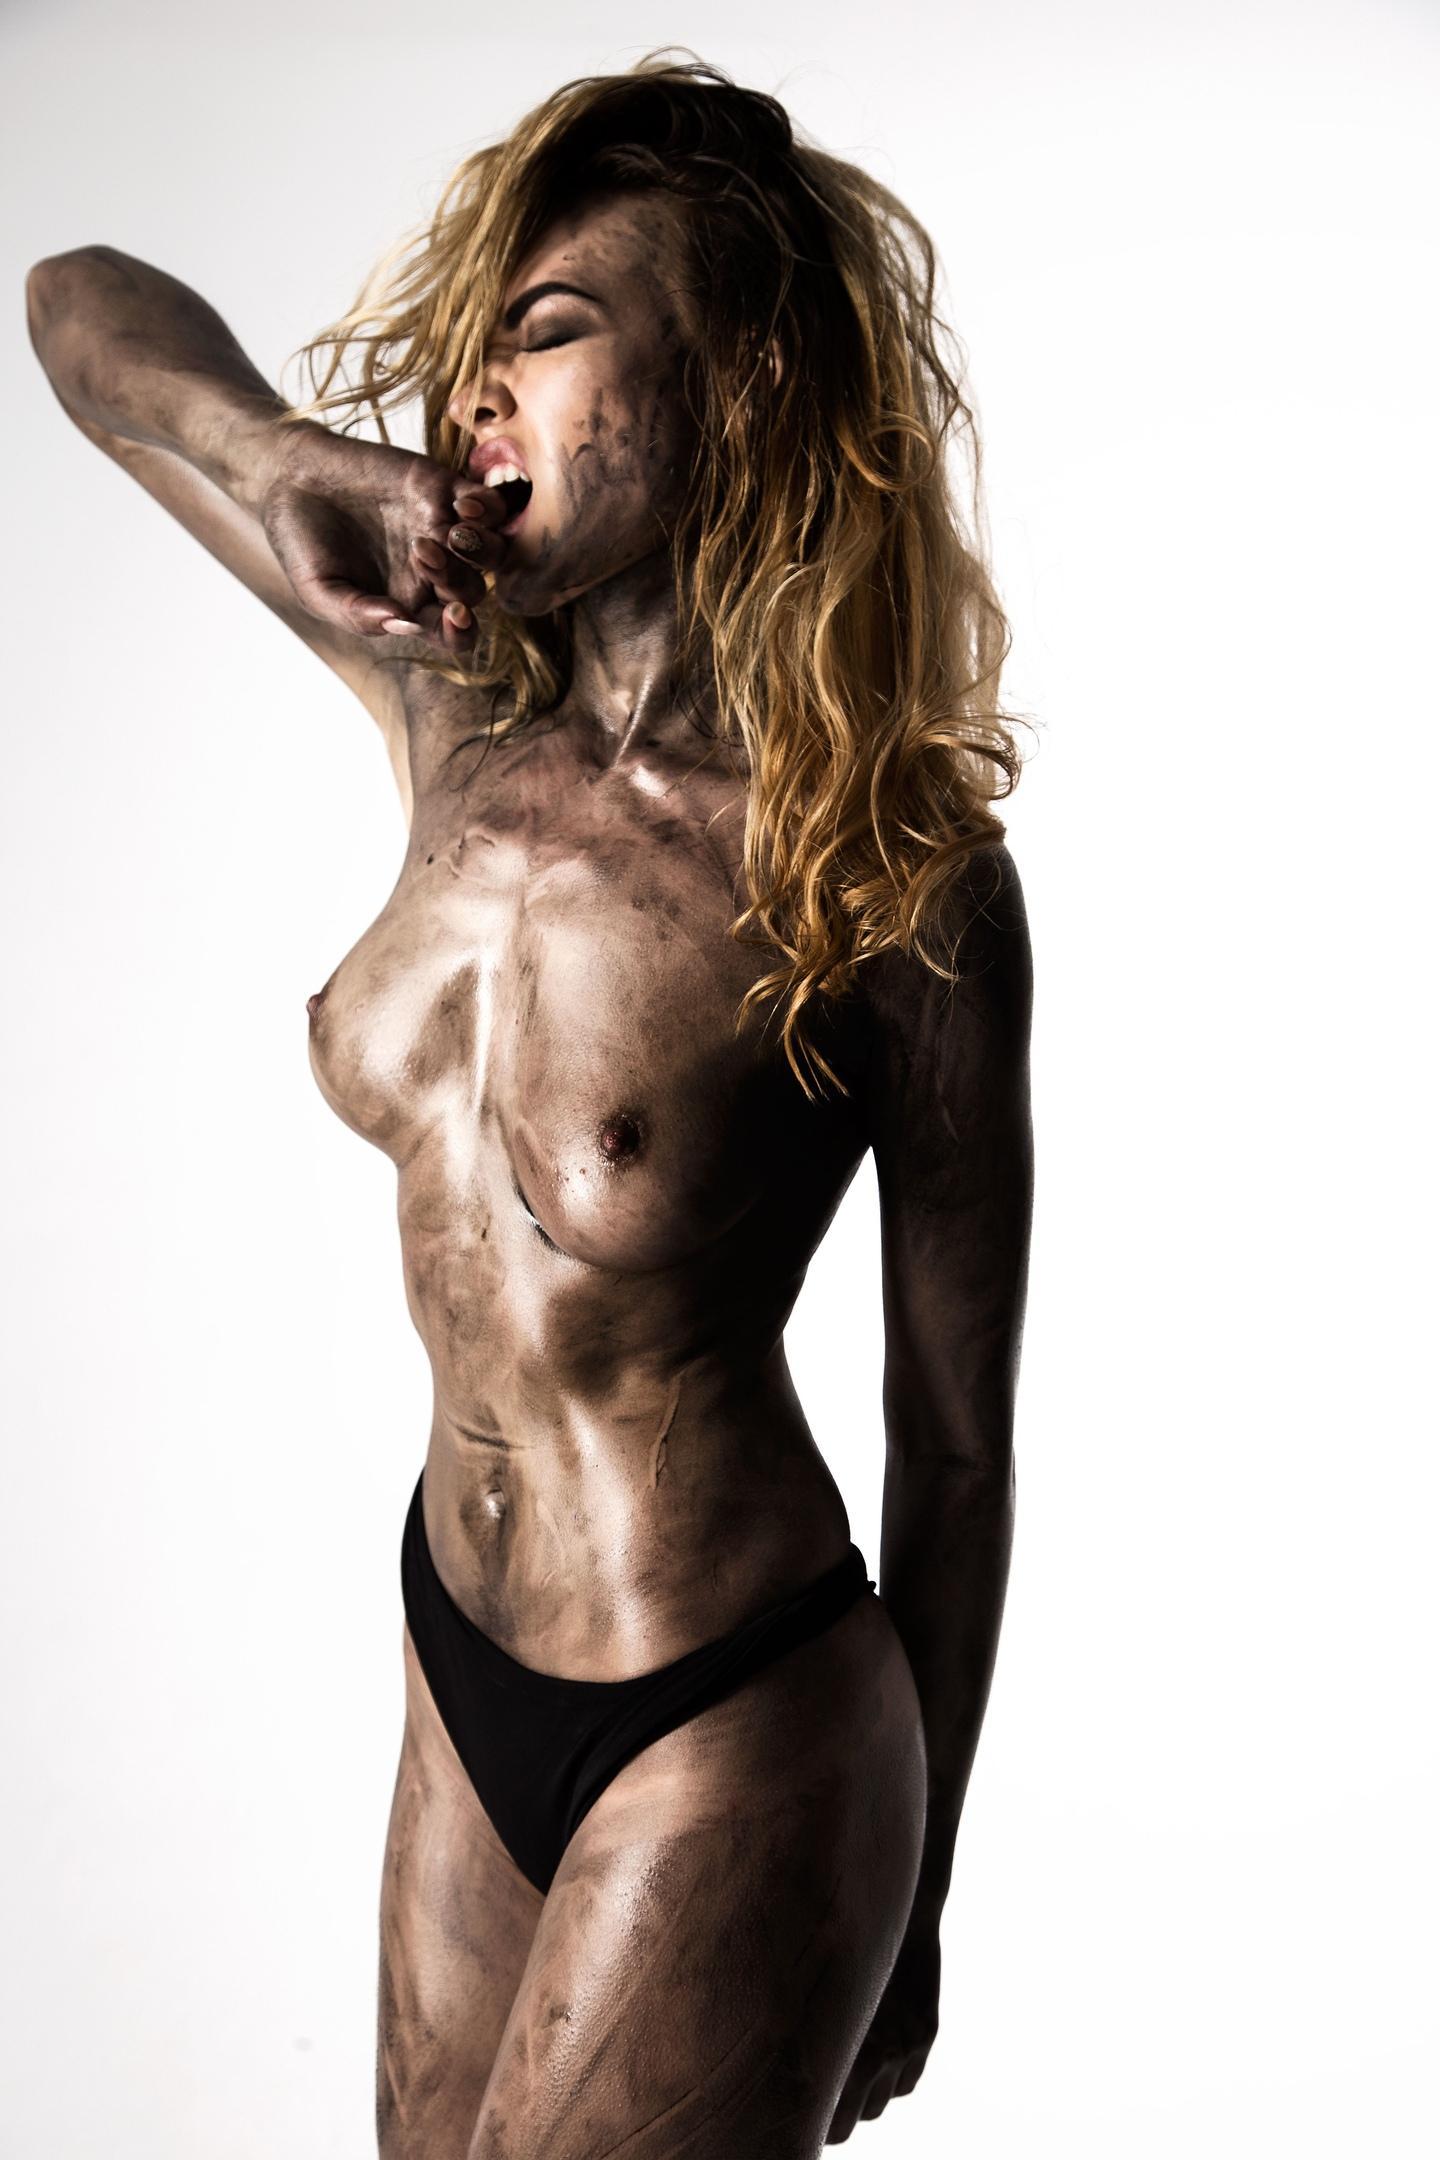 Ellina Muller - Alex Izumov photoshoot